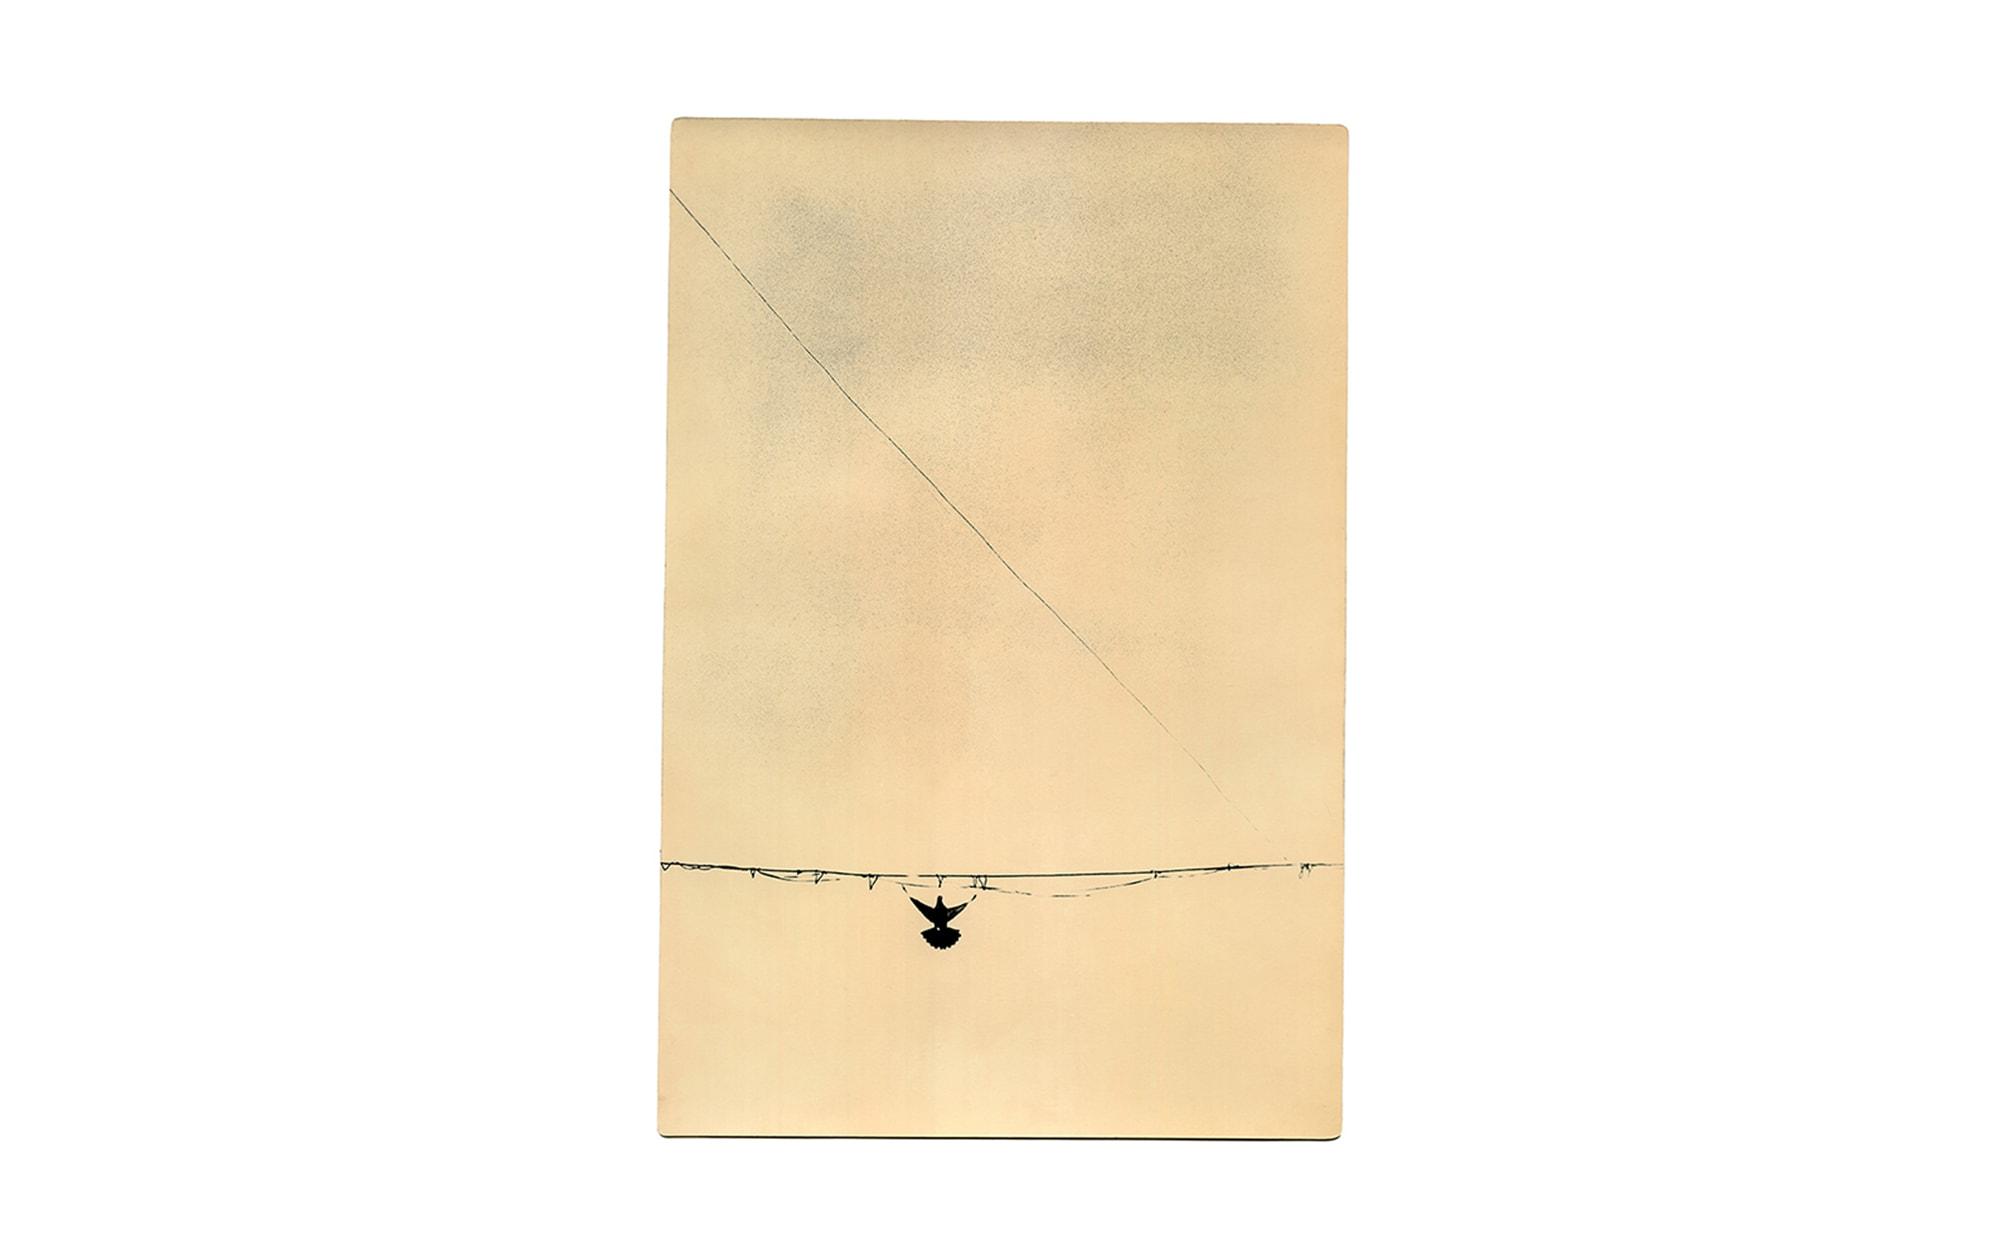 梶岡美穂がフランスで今年度のナダール賞受賞、日本人初の快挙! | so it goes © Miho Kajioka